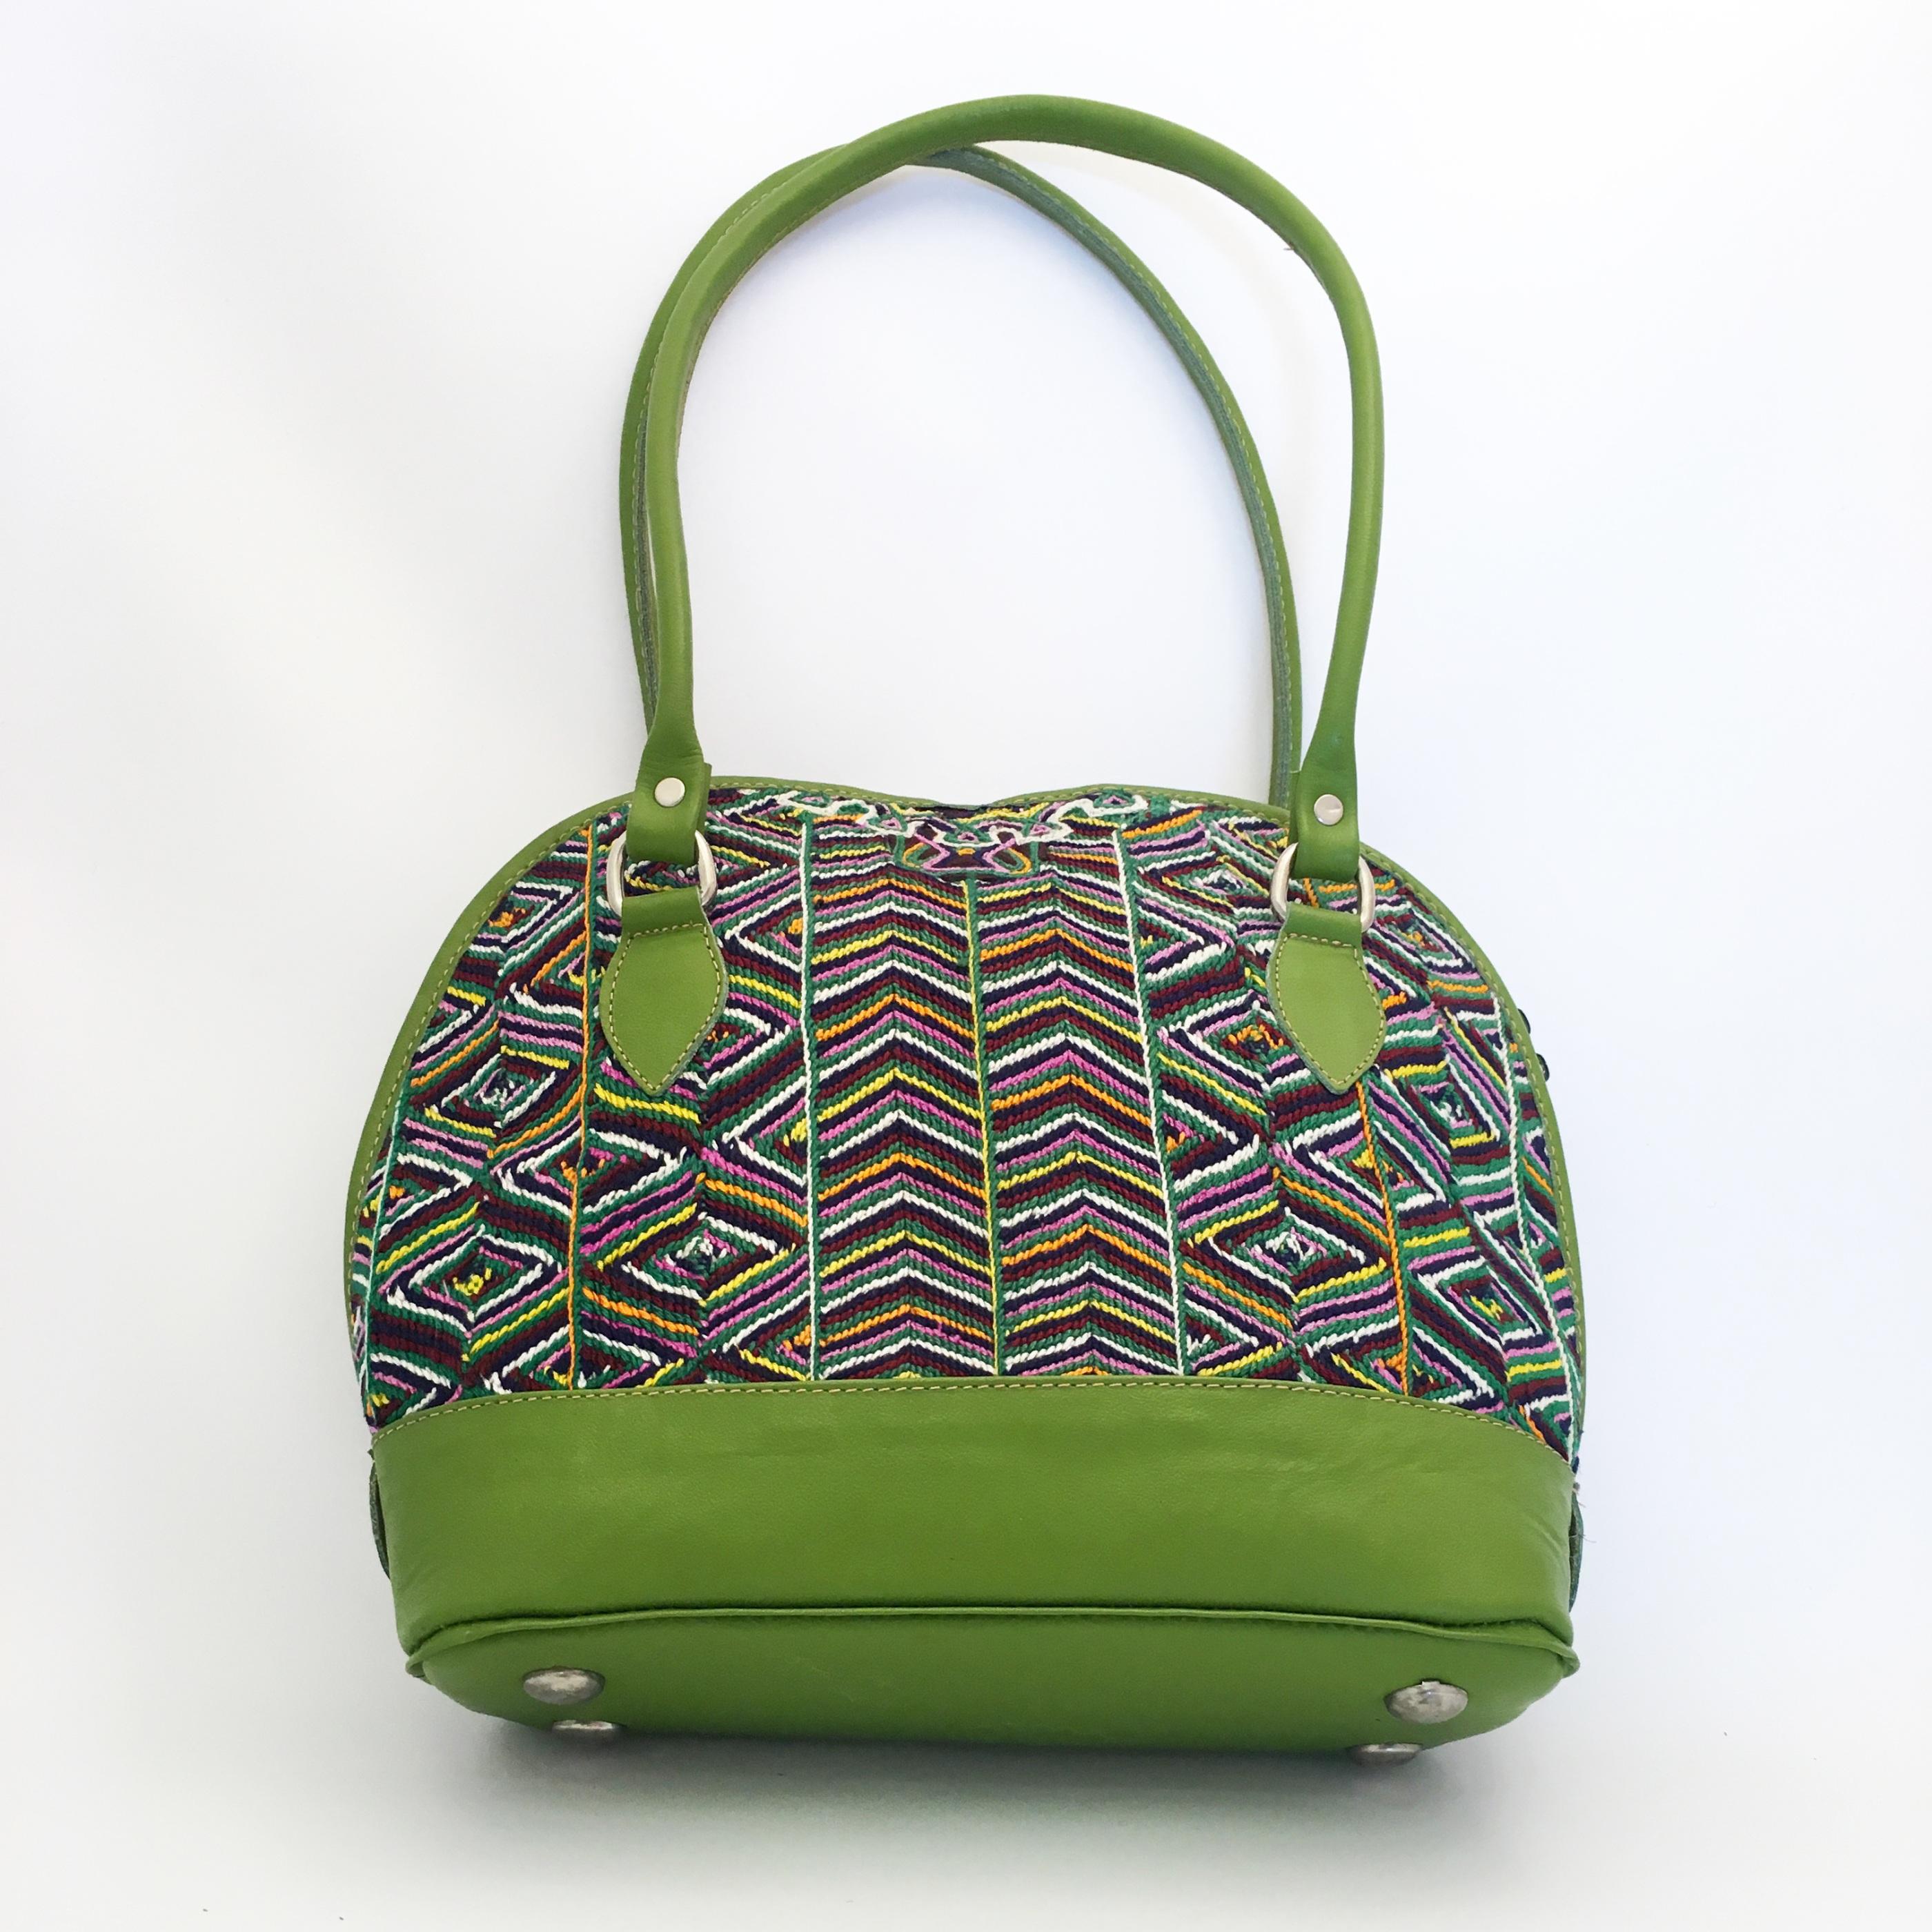 väska, axelväska, guatemala, återbruk, recycle, reuse (4)